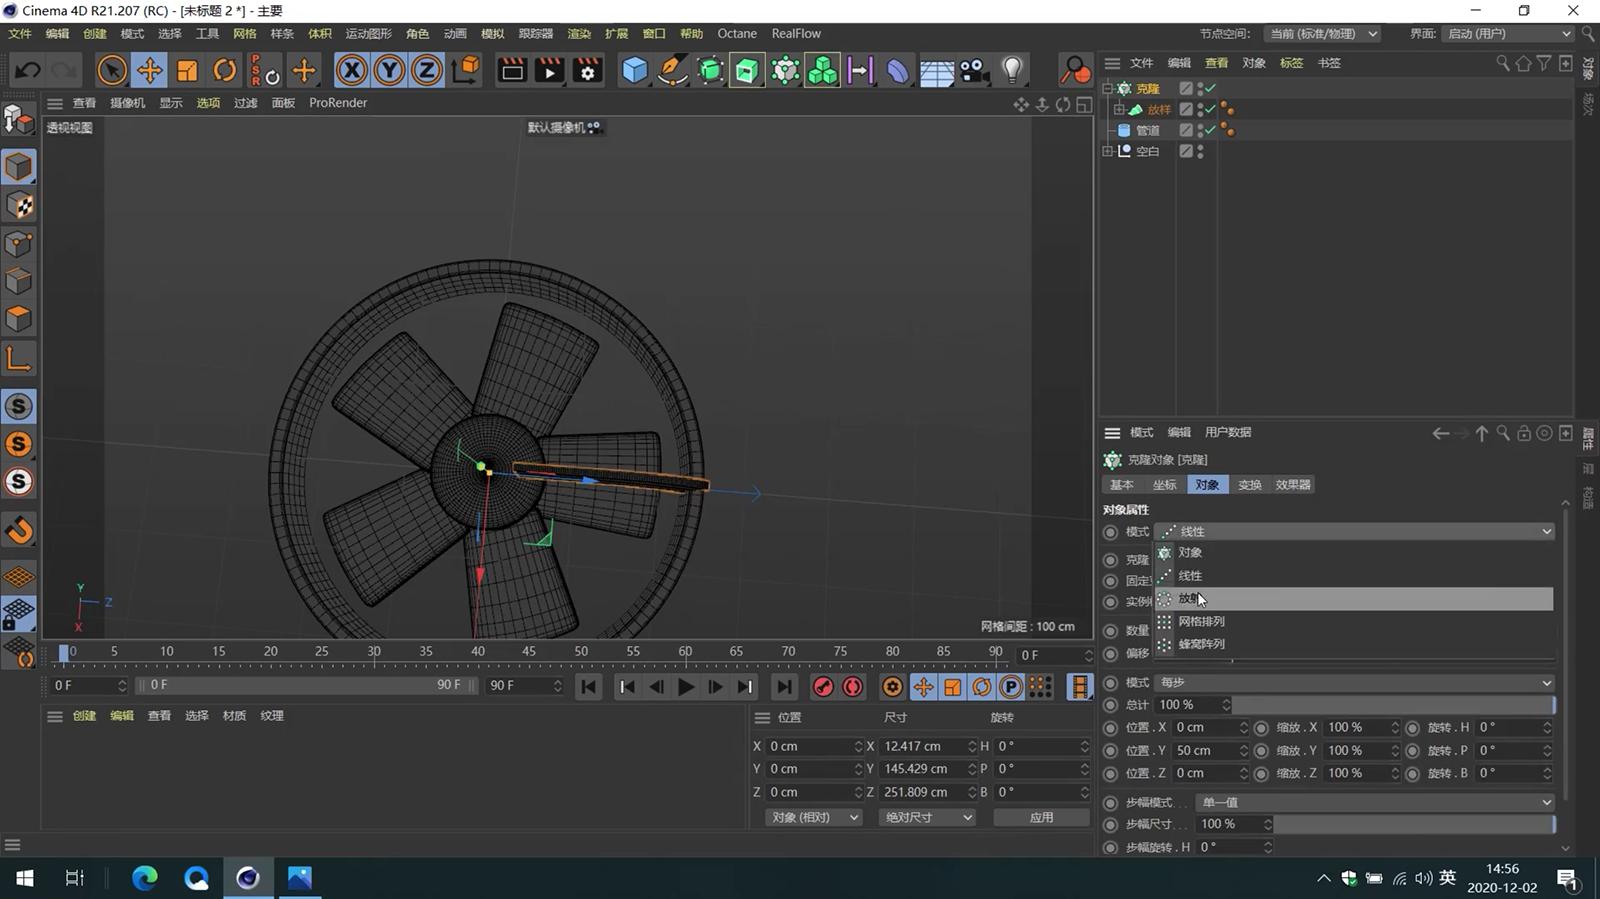 C4D教程!小风扇产品级建模渲染全过程演示